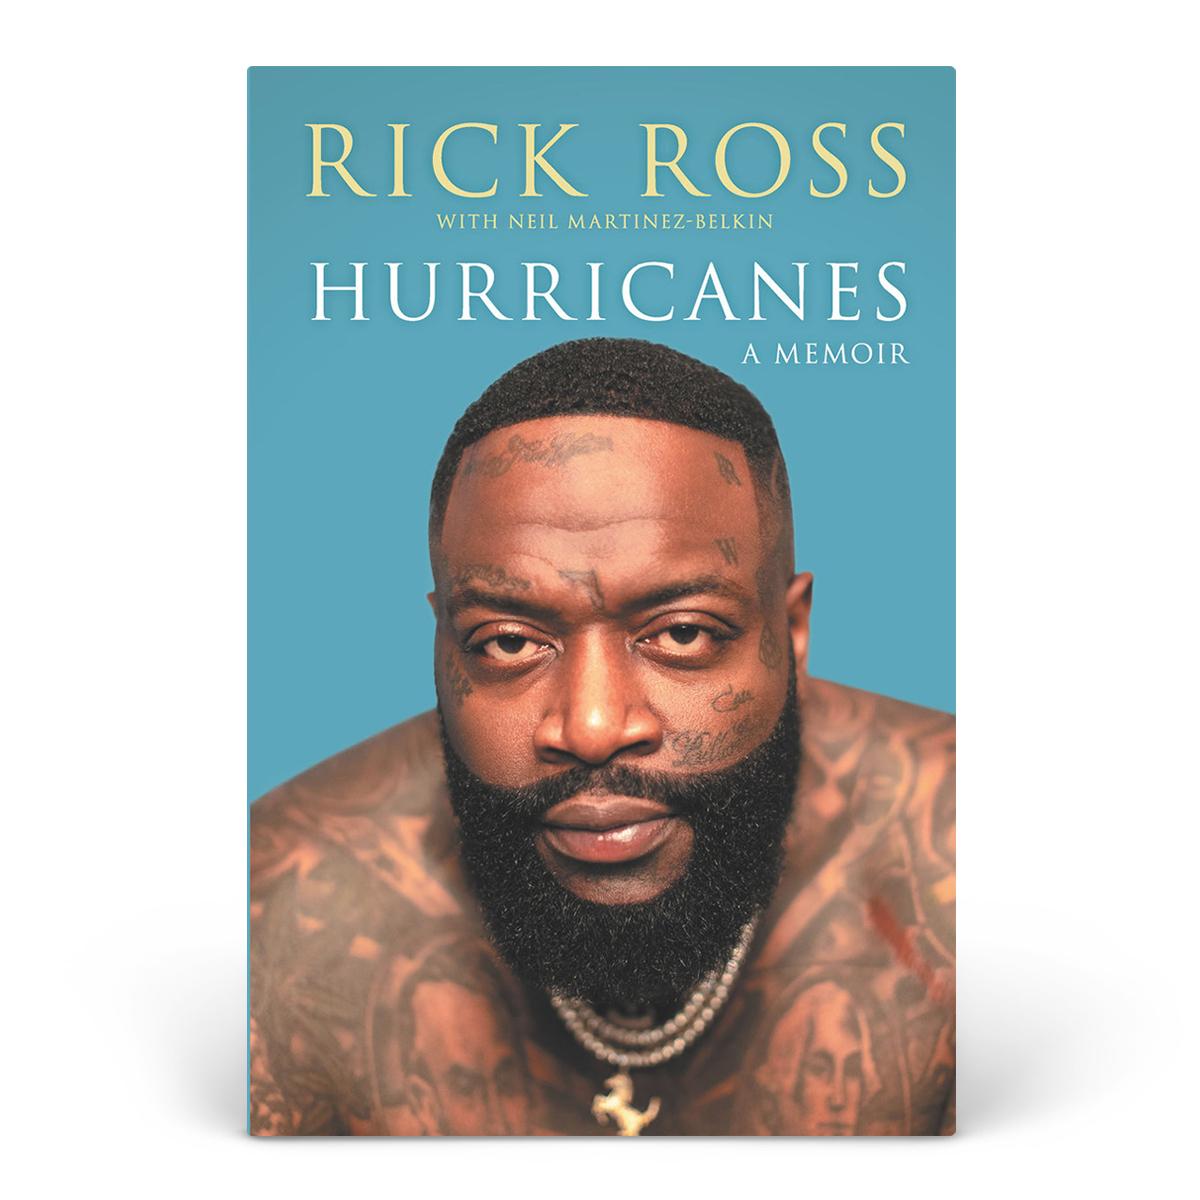 Hurricanes: A Memoir by Rick Ross